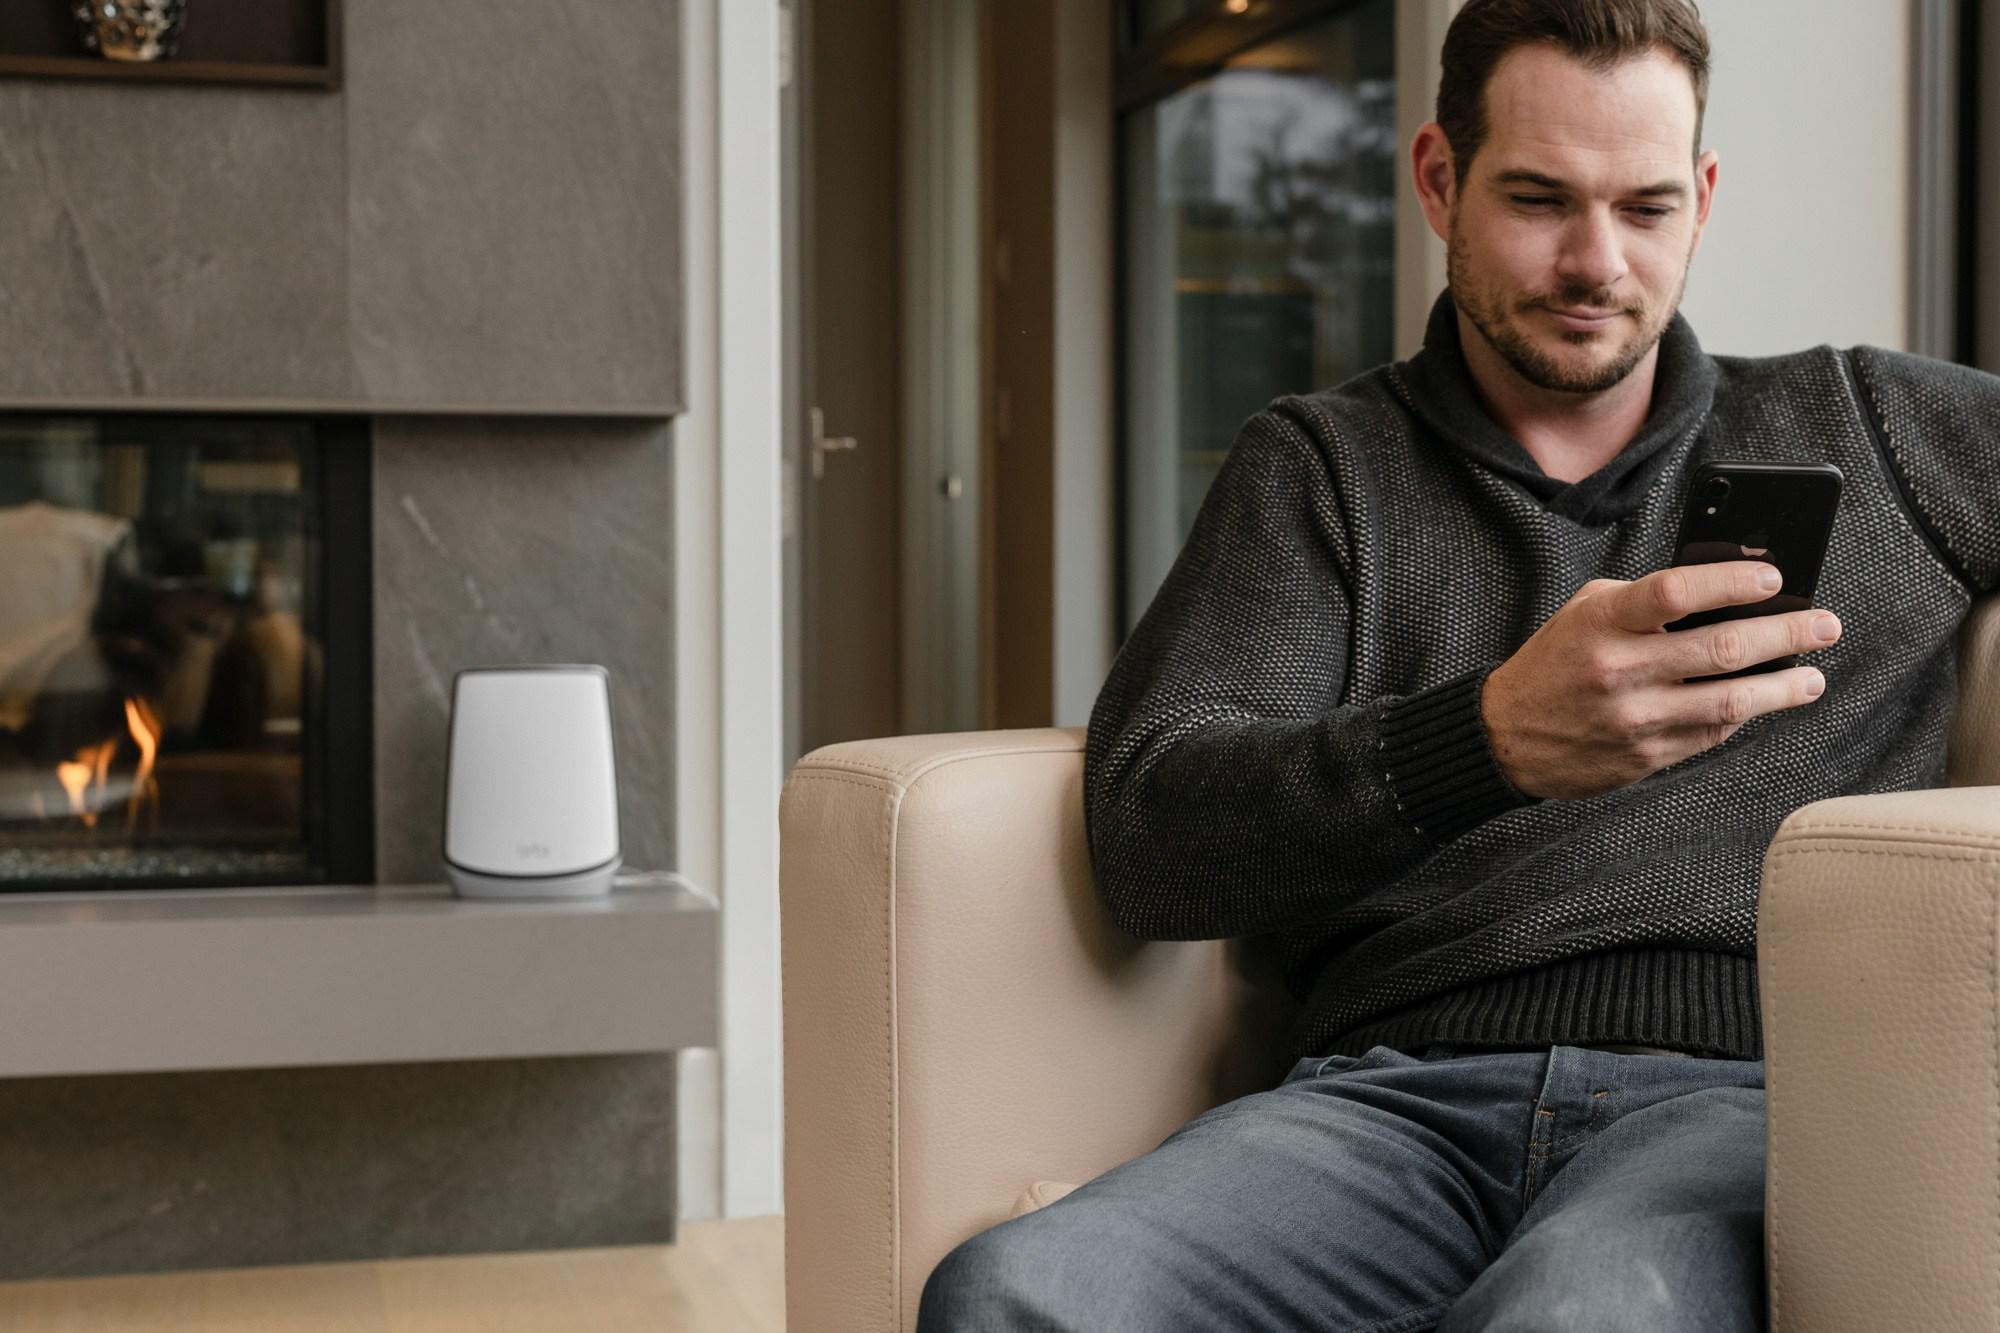 WiFi 6 : faut-il acheter un routeur compatible dès maintenant ?